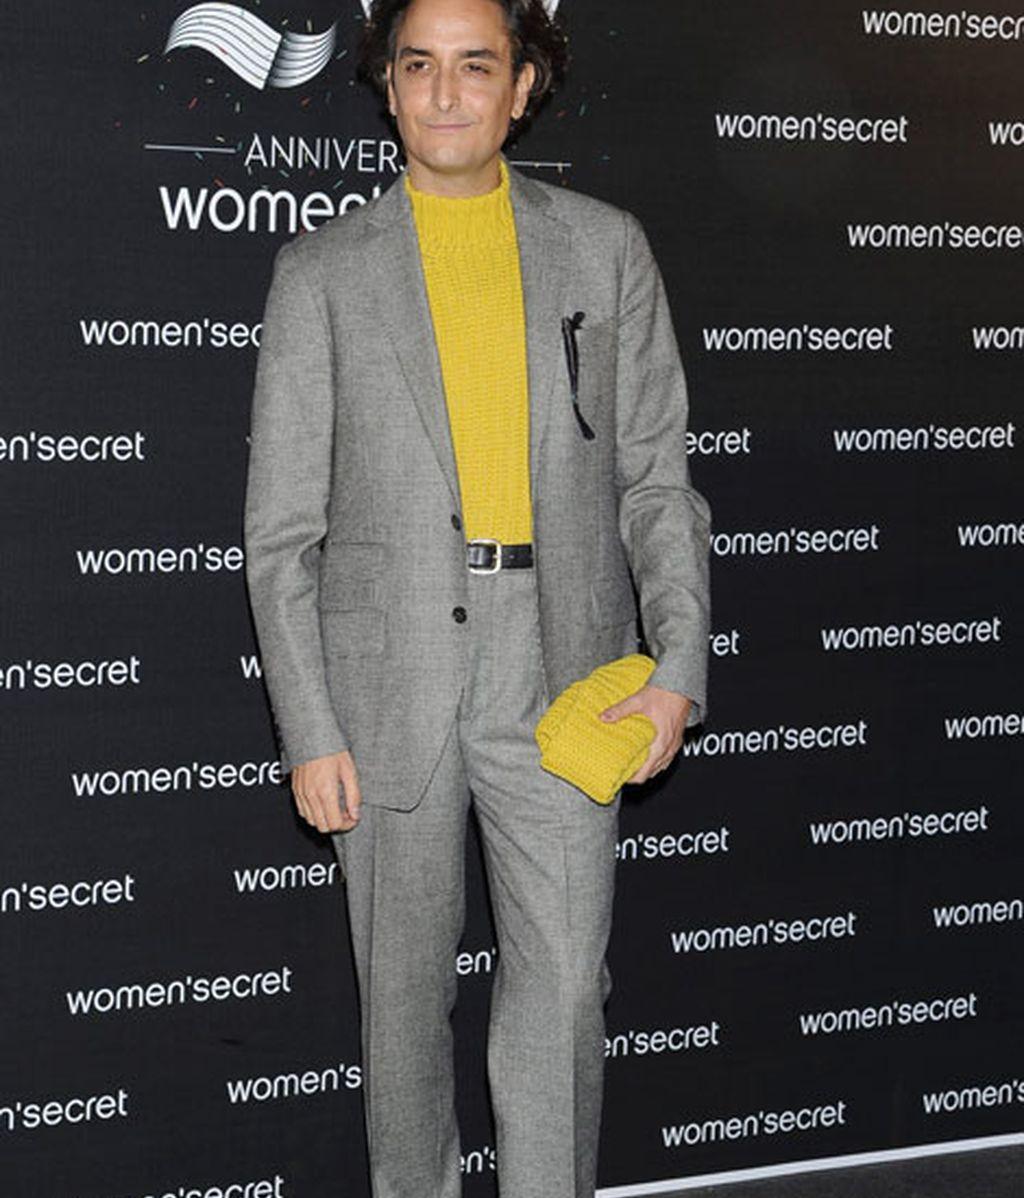 Josie combinó un traje gris y un jersey amarillo